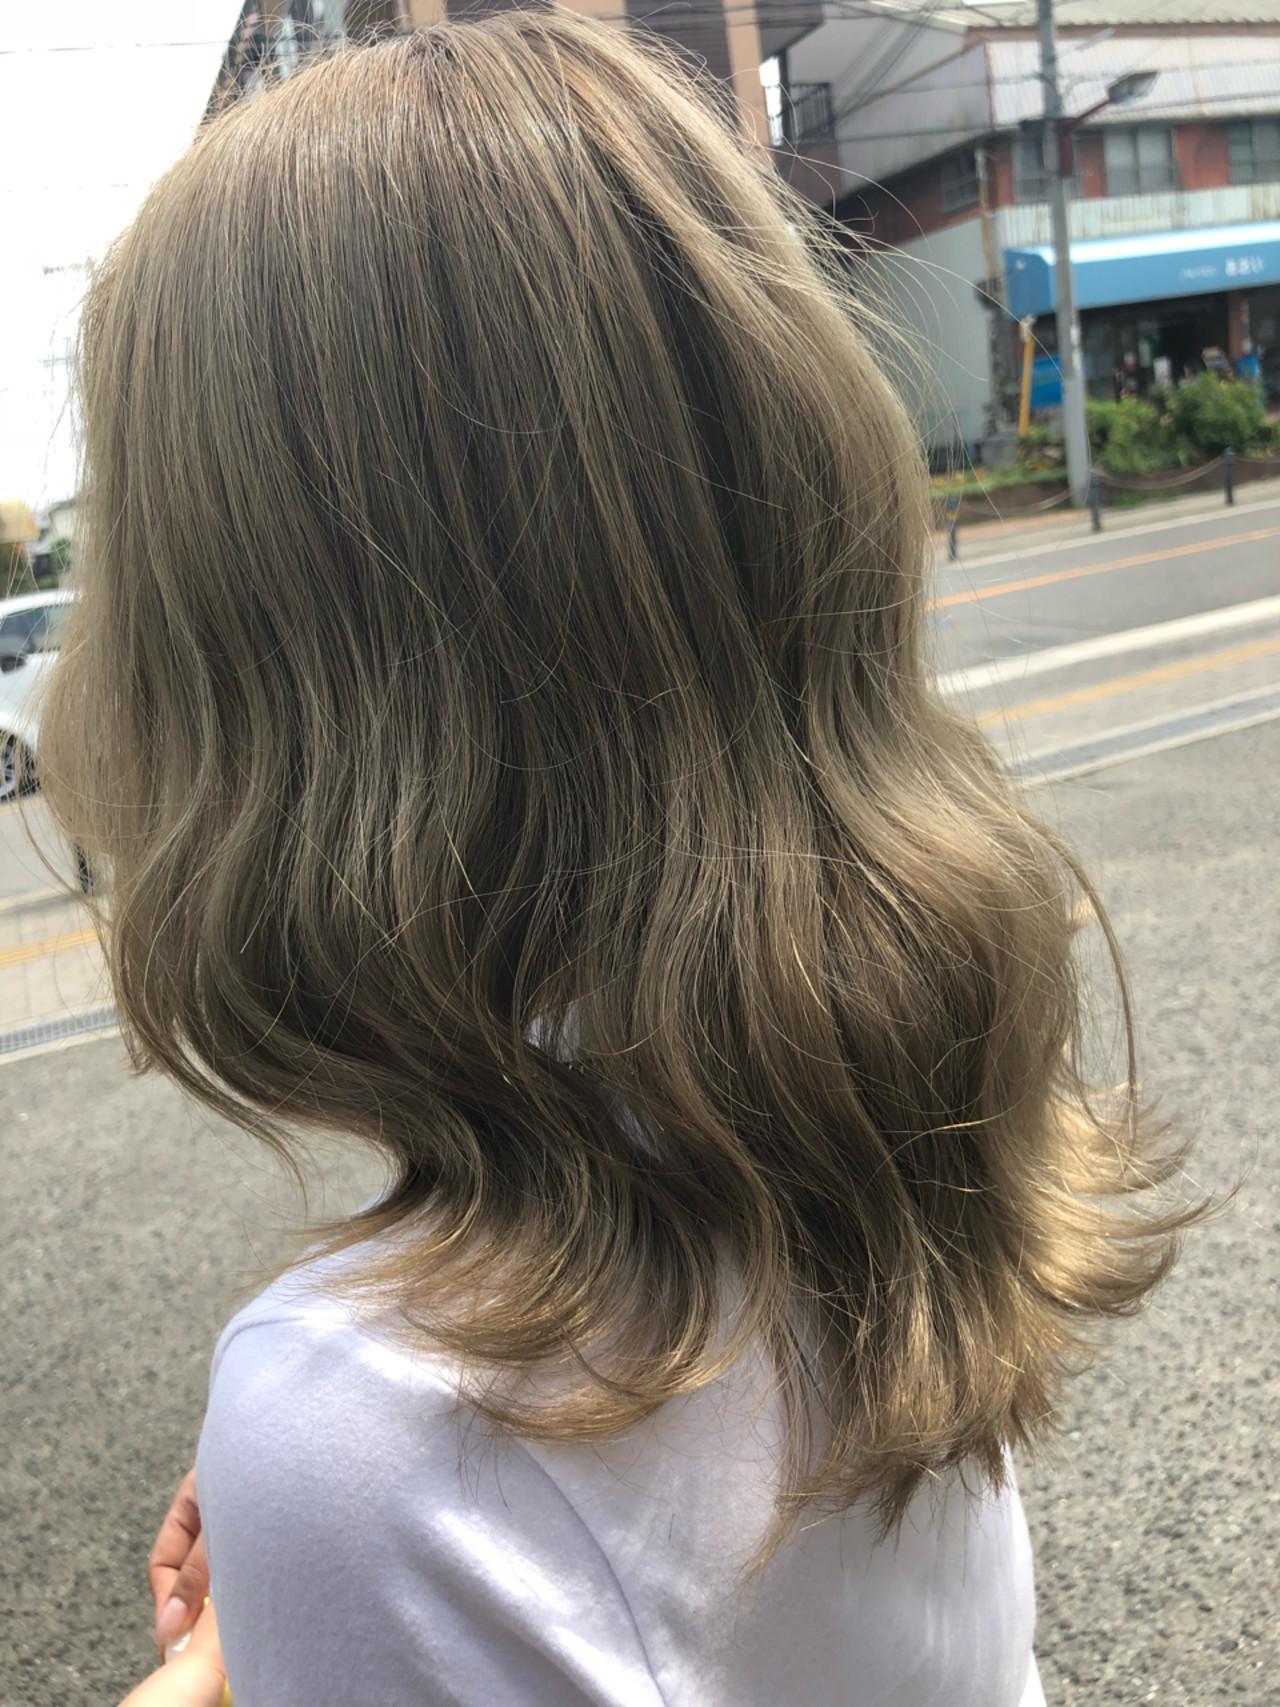 グラデーションカラー グレージュ ロング アウトドア ヘアスタイルや髪型の写真・画像   筒井 隆由 / Hair salon mode